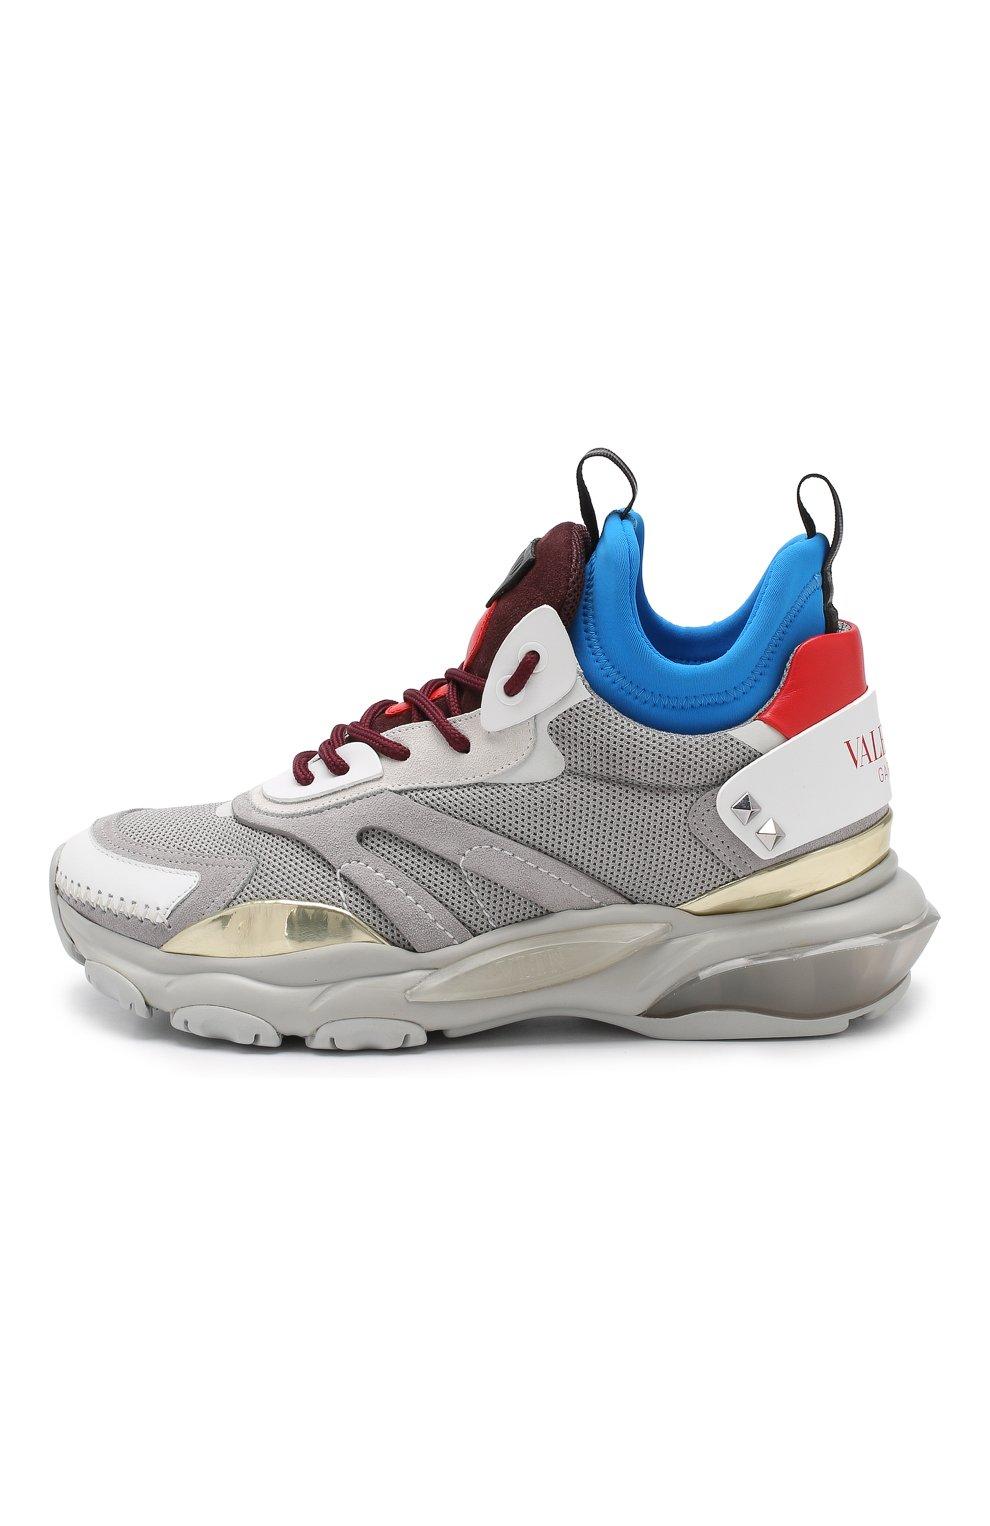 Мужская обувь по цене от 2 270 руб. купить в интернет-магазине ЦУМ 4838d2b60e4